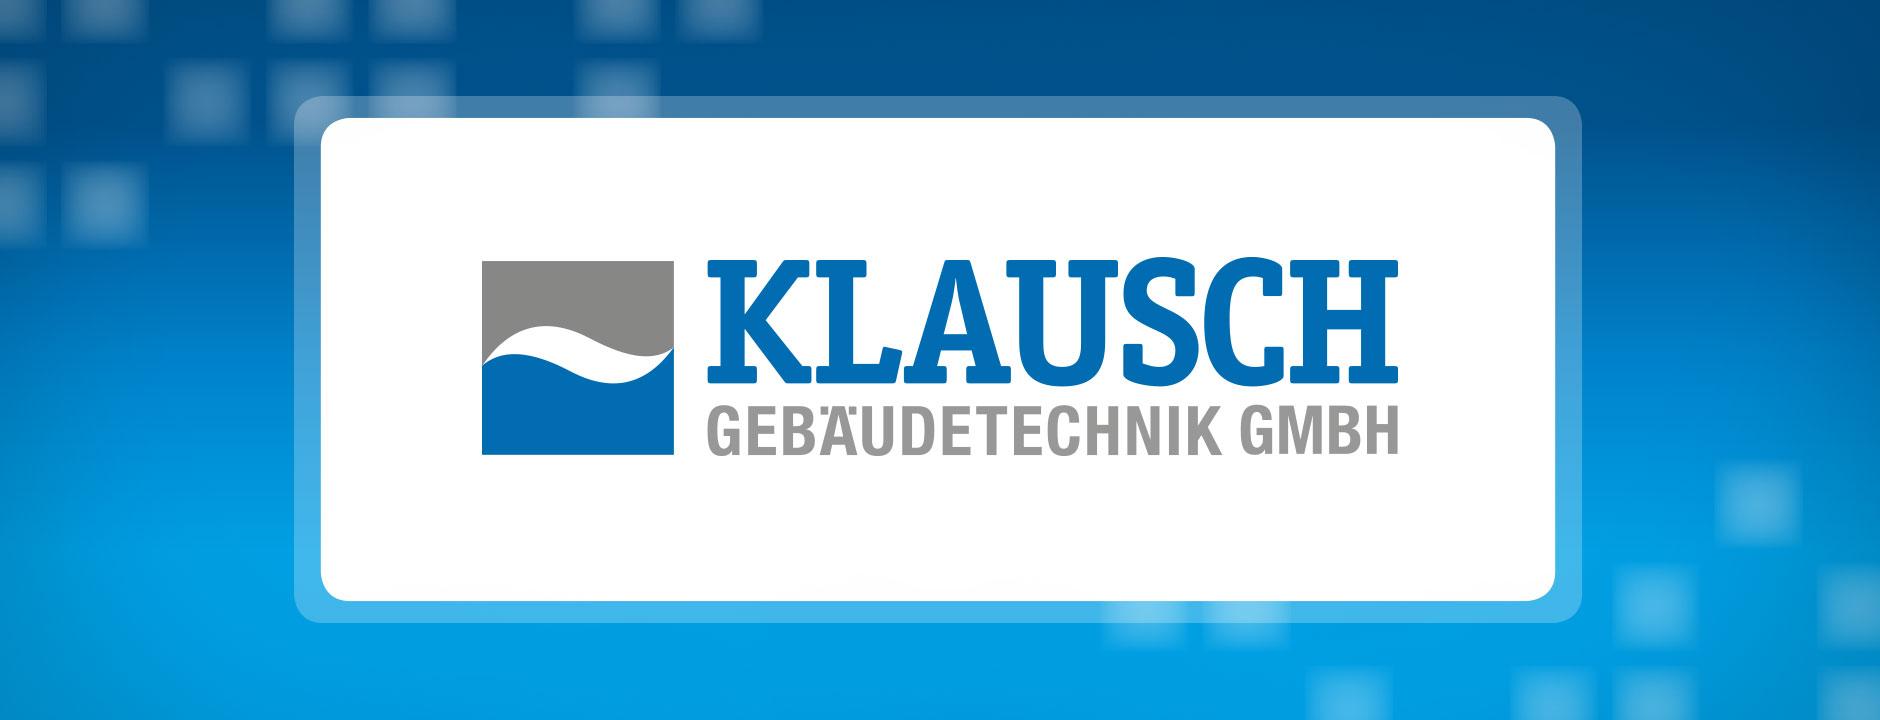 Klausch Gebäudetechnik - Design